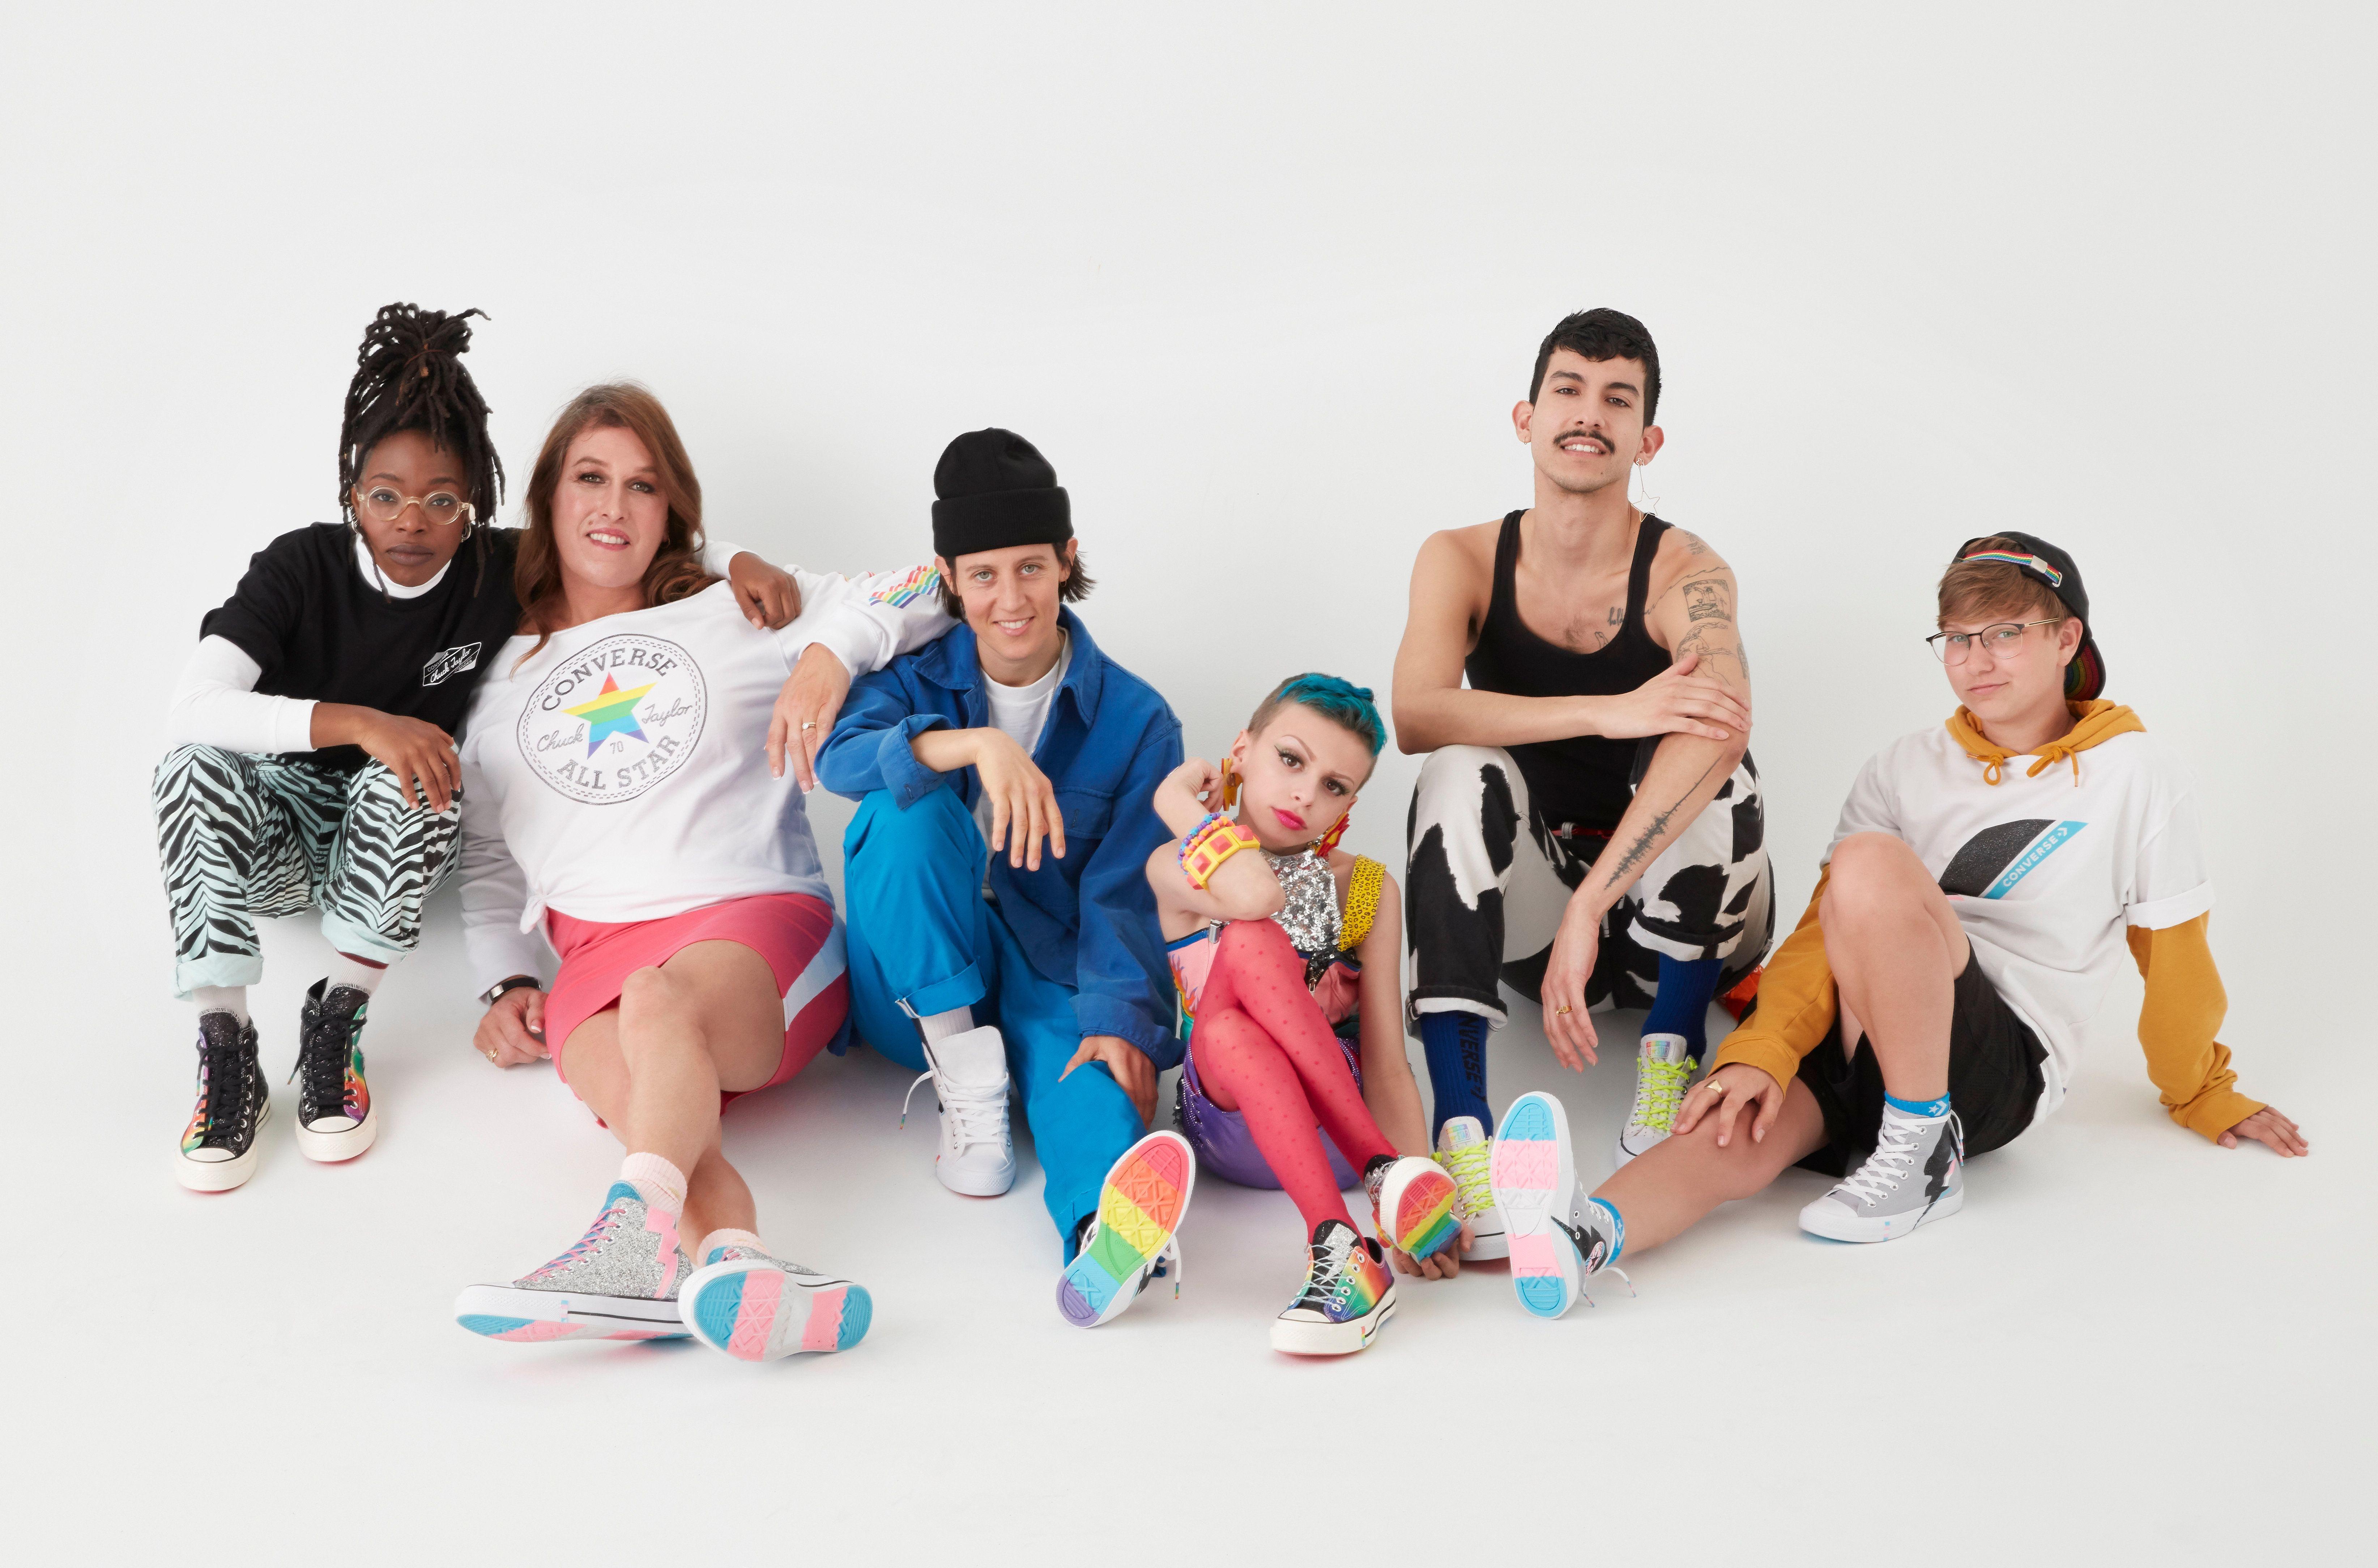 Converse's Debuts PRIDE Campaign PAPER